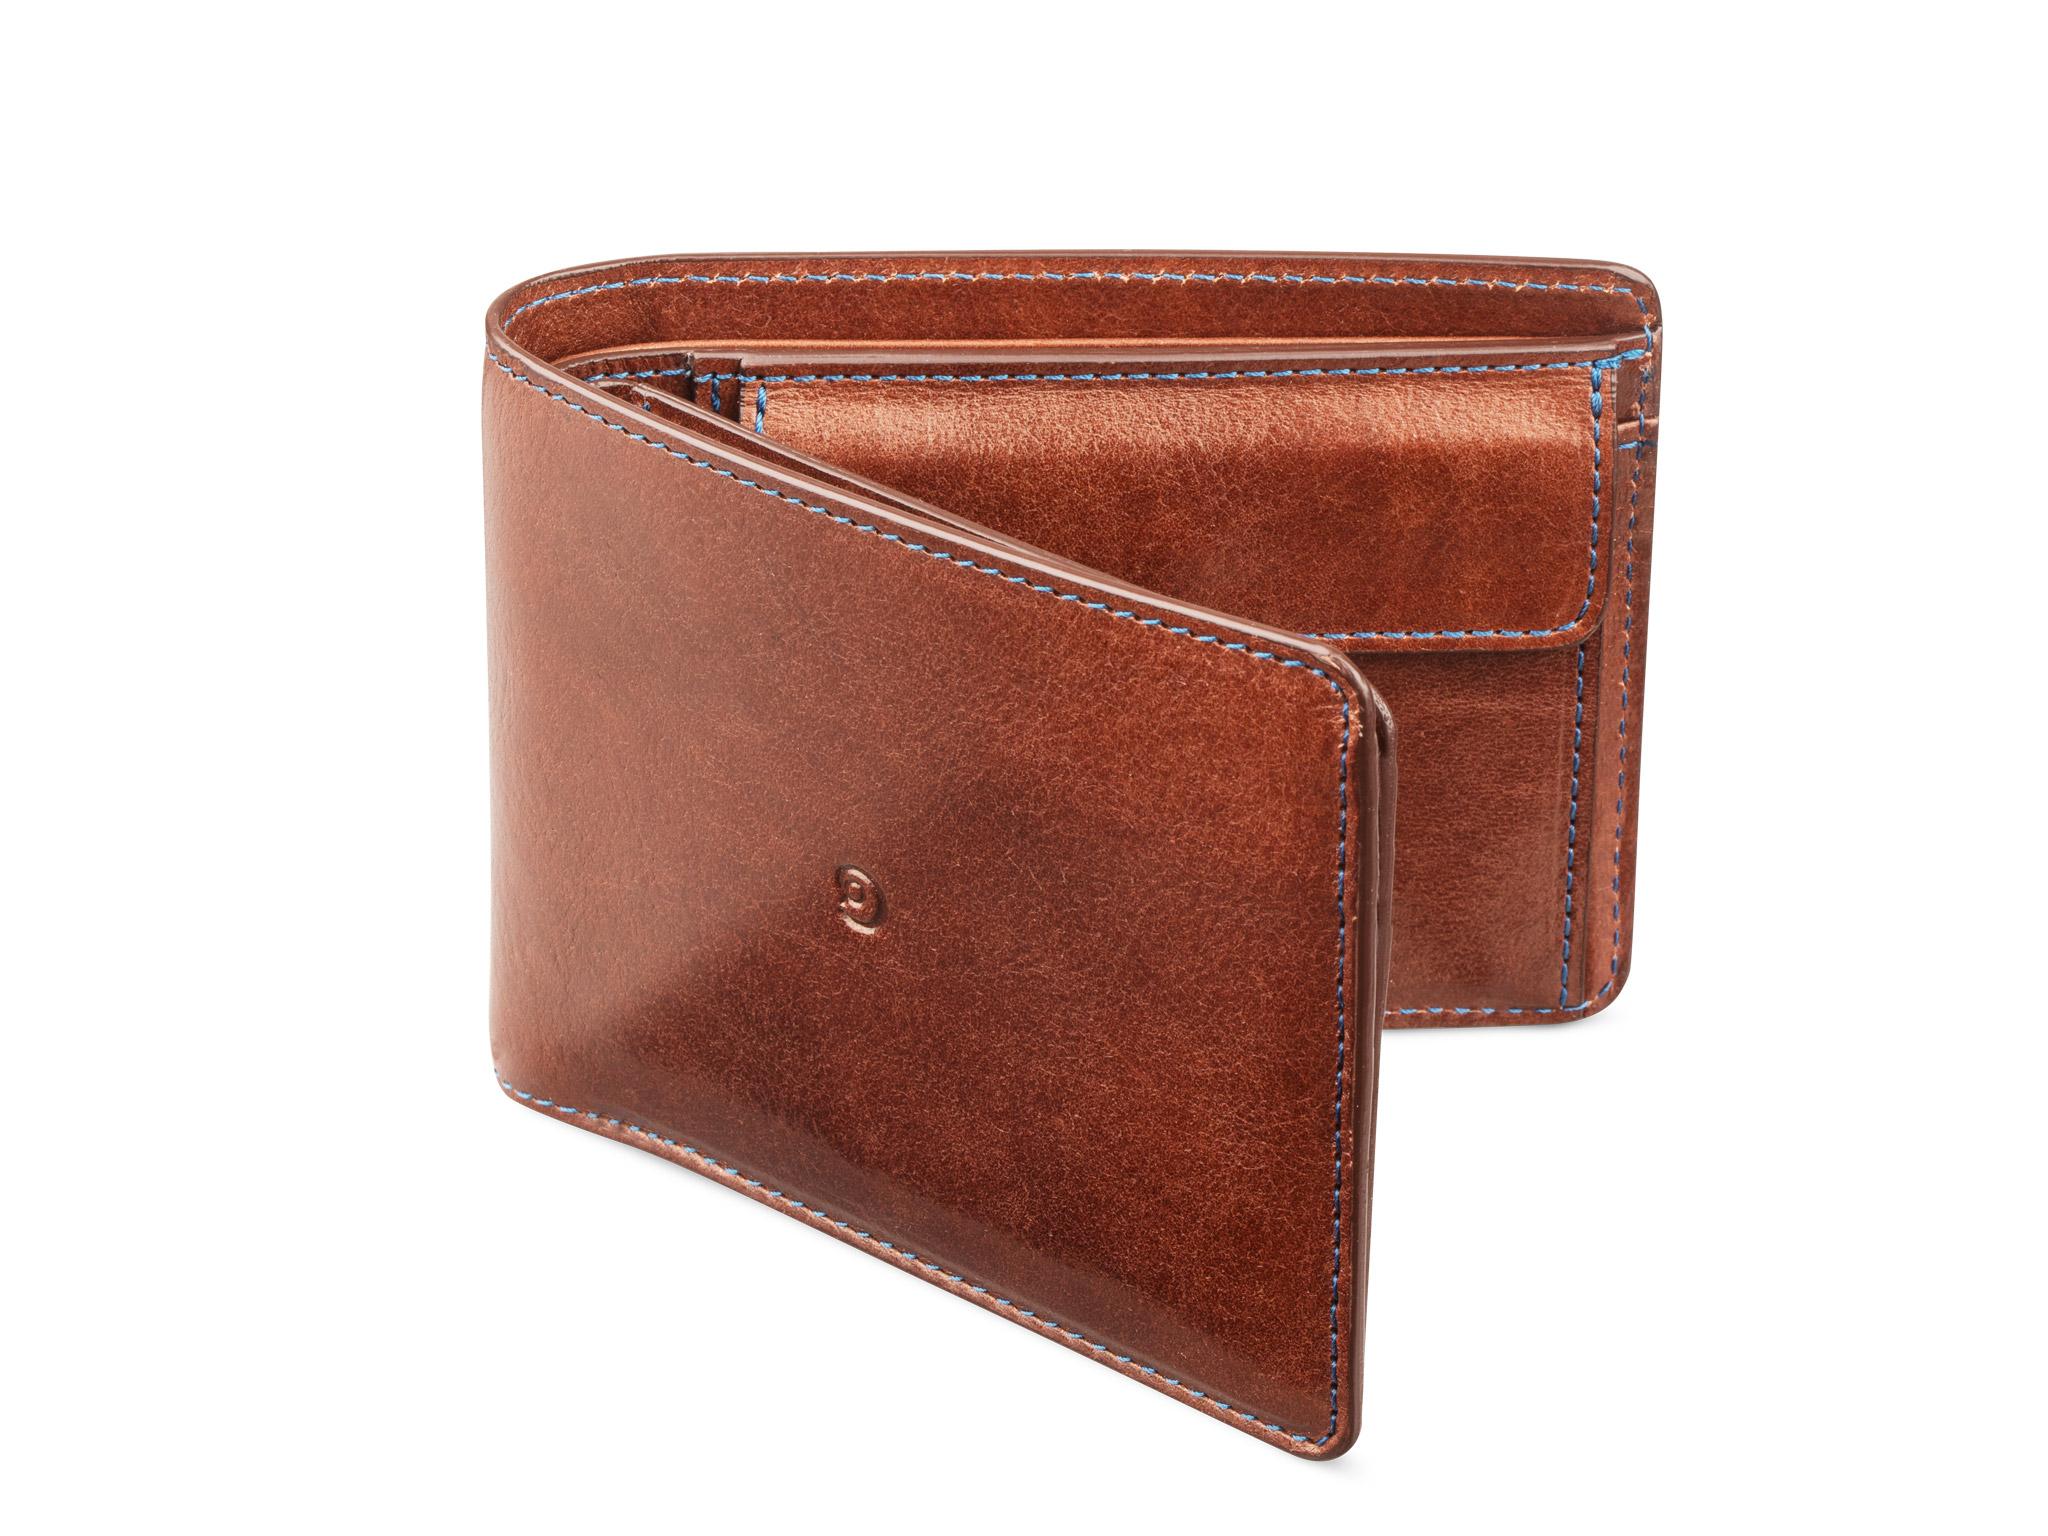 Danny P. Pánská kožená business peněženka, Tmavě hnědá